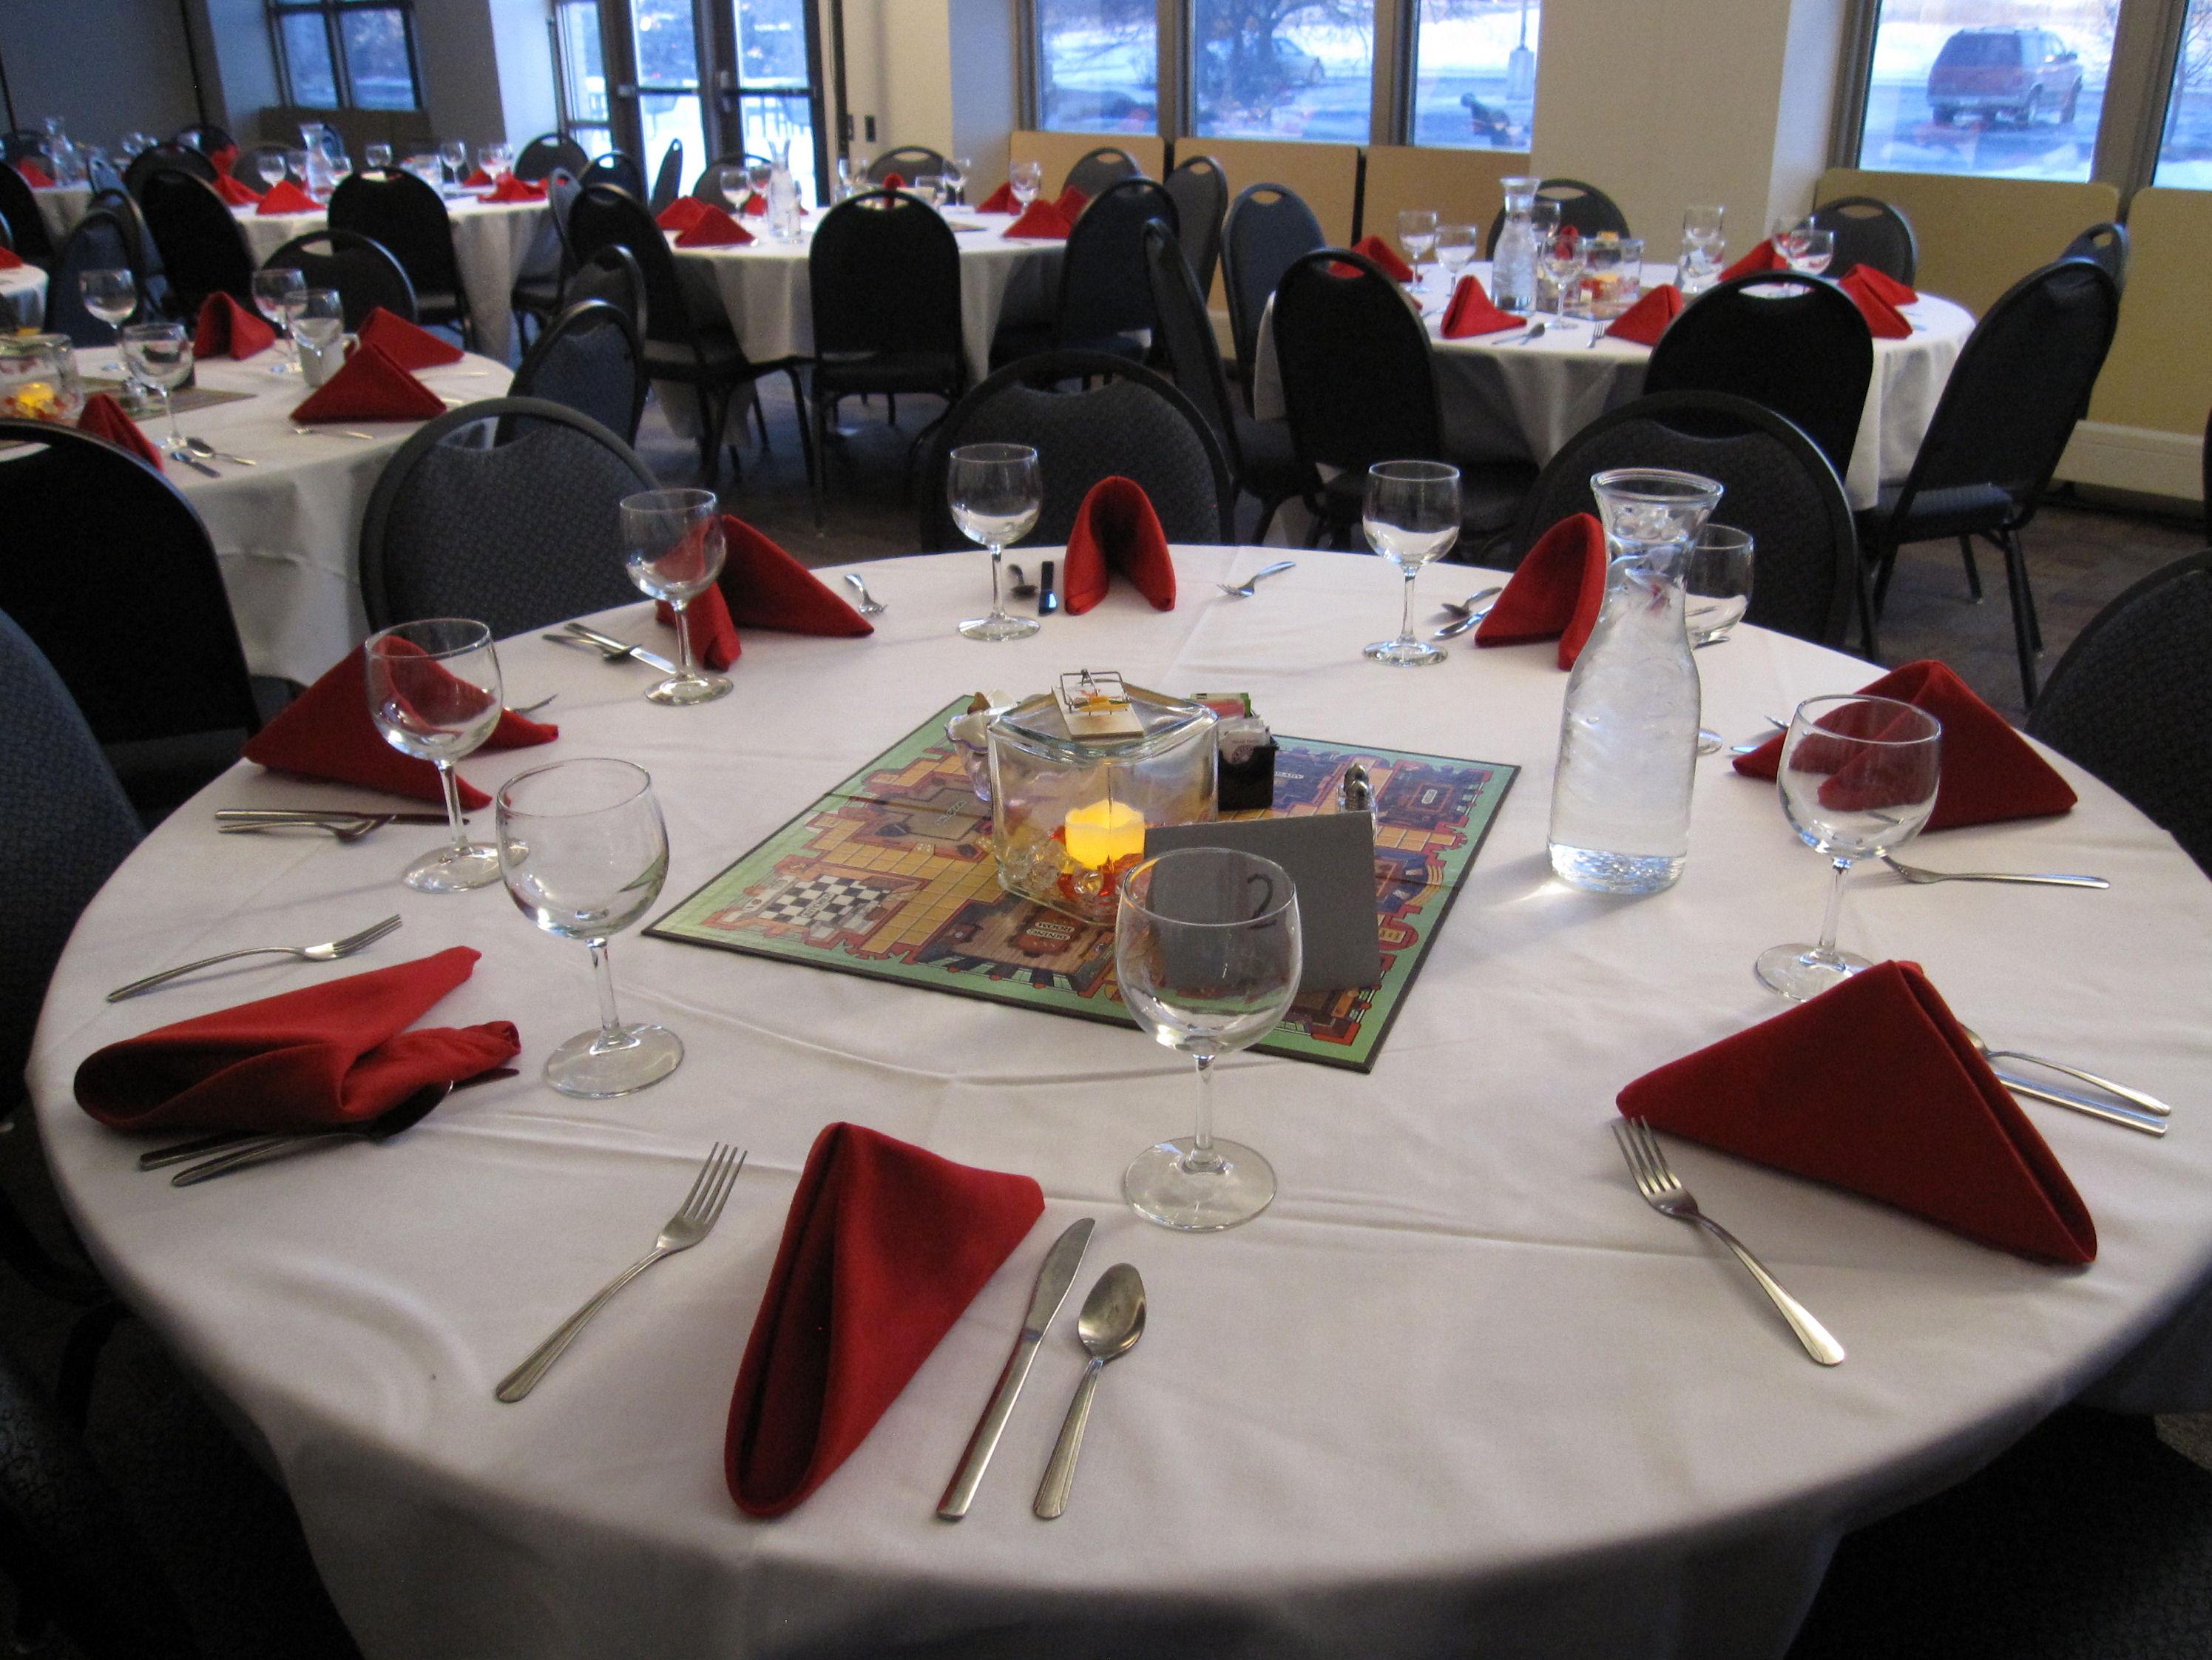 Fridley Public Schools: Banquet/Party Space